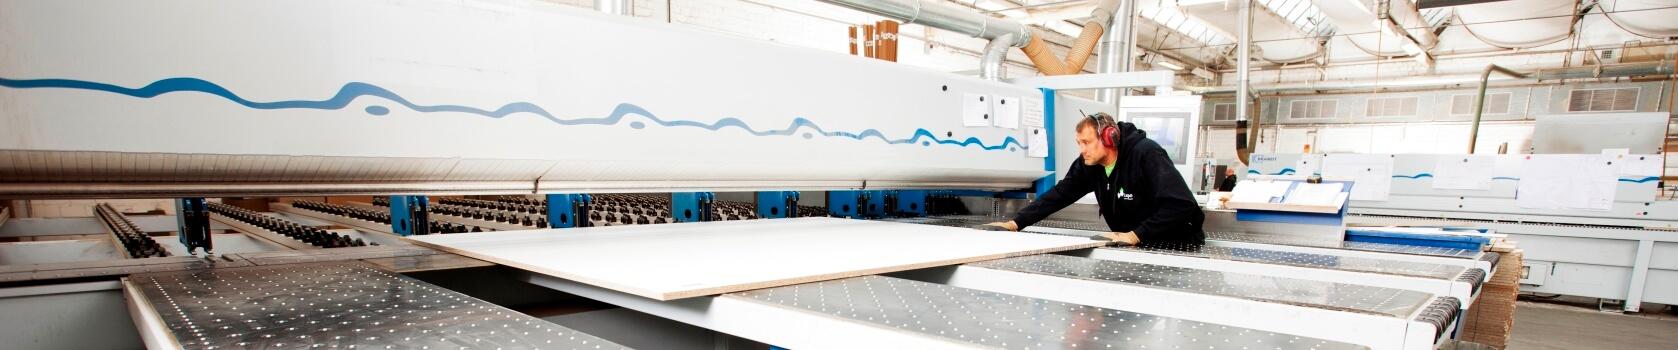 Leistungen-von-ixpo-Messebau-Innenausbau-Markenwelten-Tischlerei-Realisierung